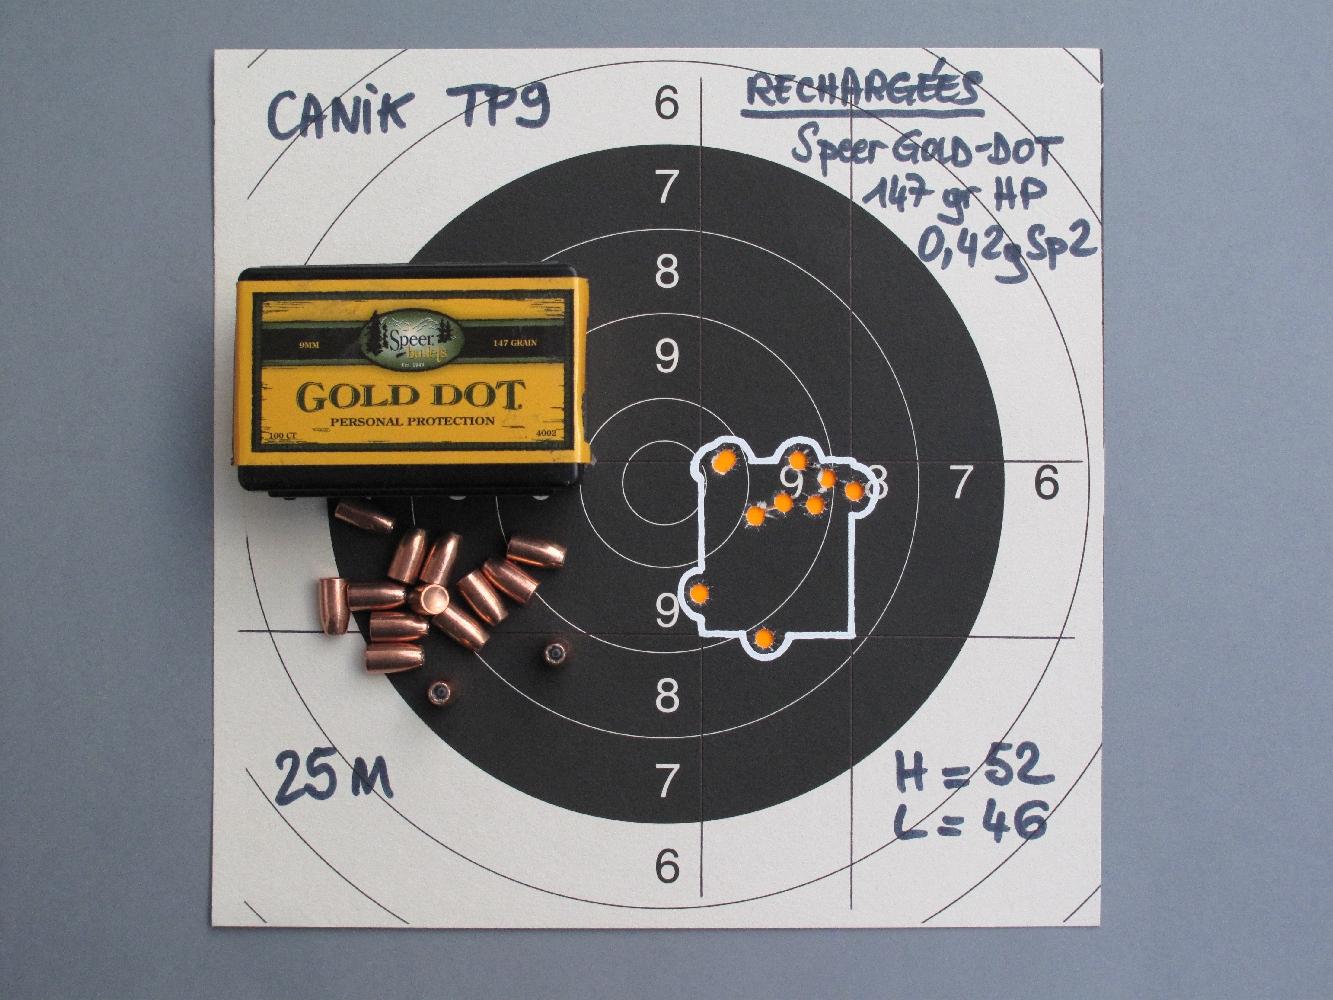 Nous constatons une bonne homogénéité des groupements de dix coups réalisés sur appui à la distance de 25 mètres, certaines munitions rechargées permettant même d'obtenir des résultats remarquables pour un pistolet de combat de dimensions modestes.